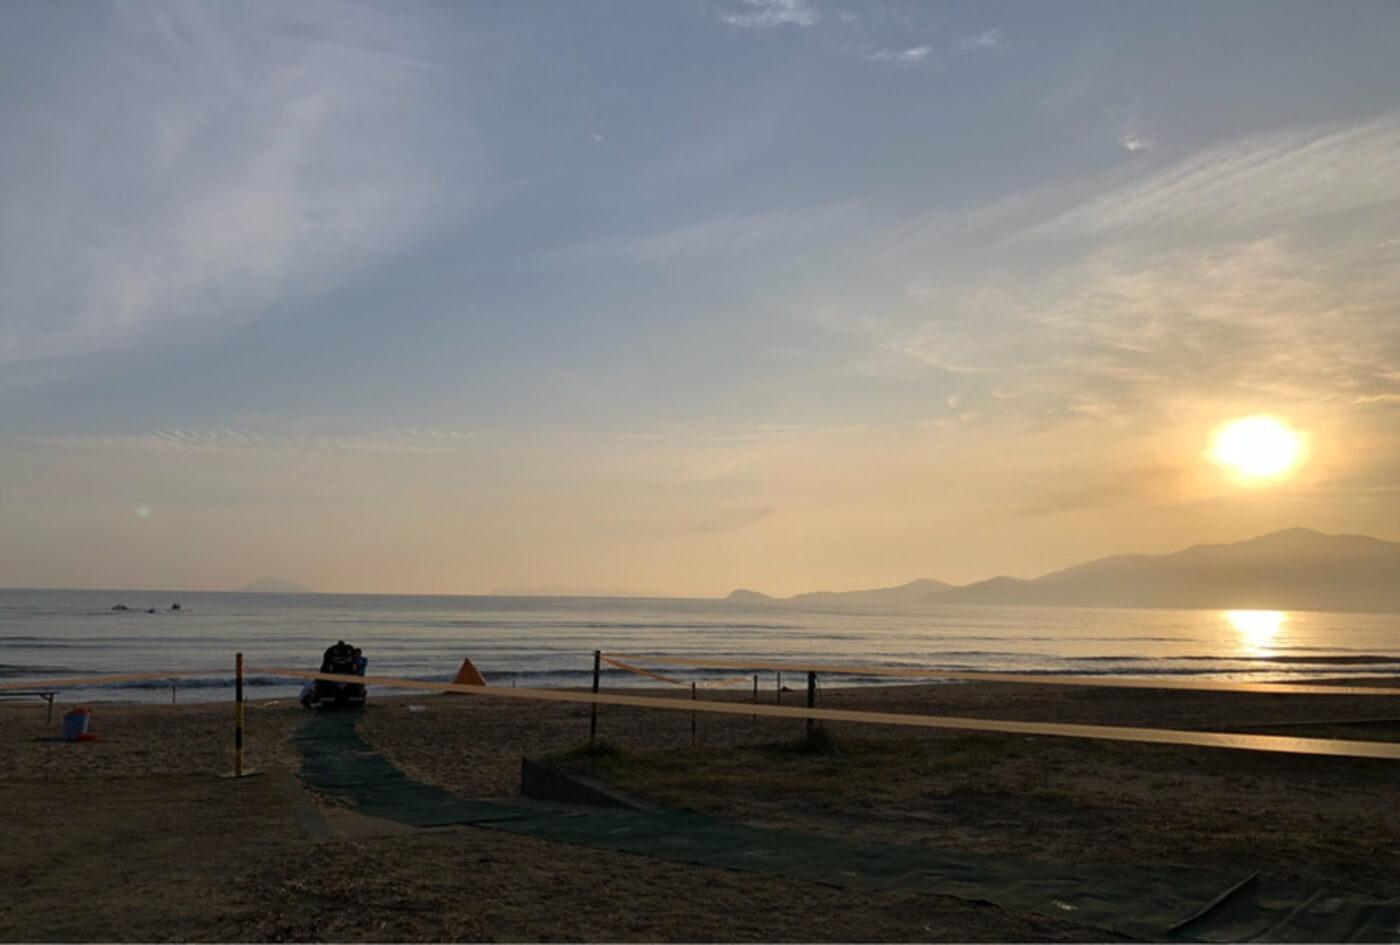 虹の松原アクアスロンin唐津 | 佐賀県